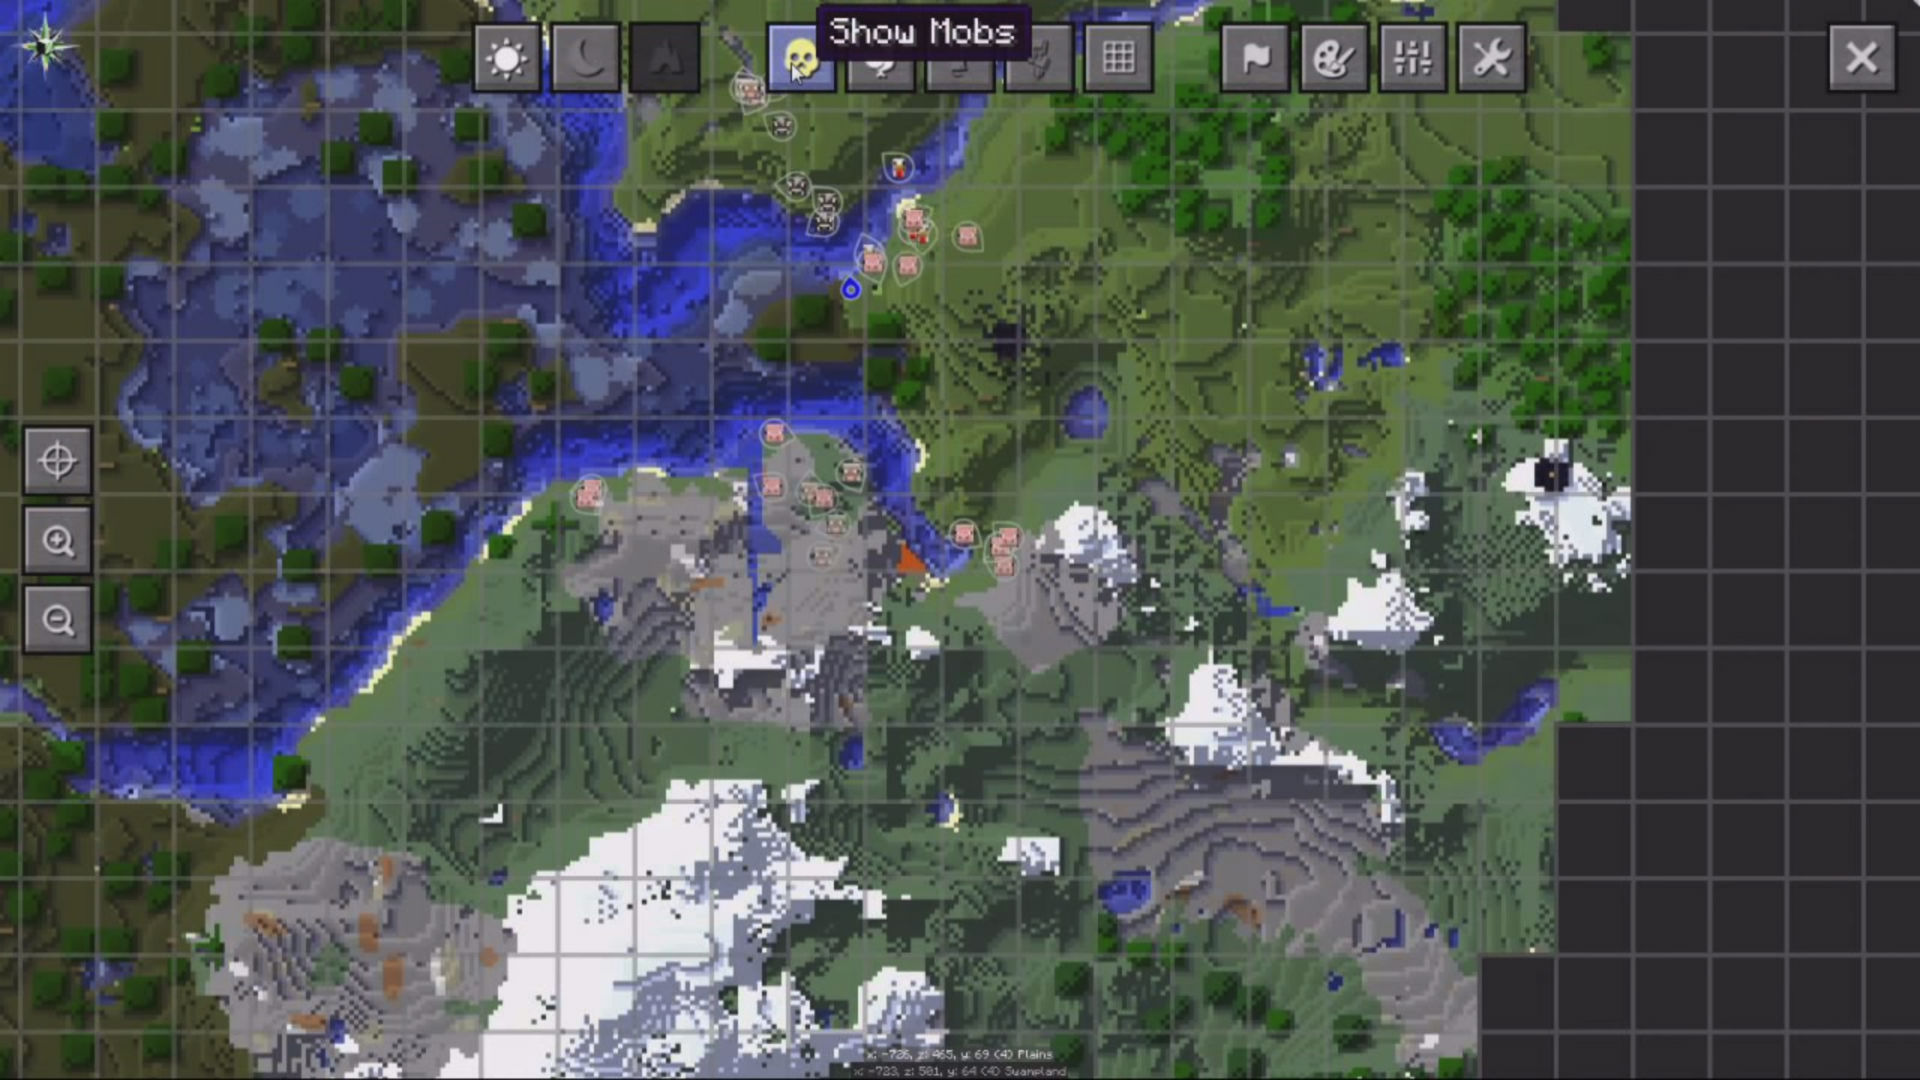 The Best Minecraft Mods PCGamesN - Minecraft maps download fur handy